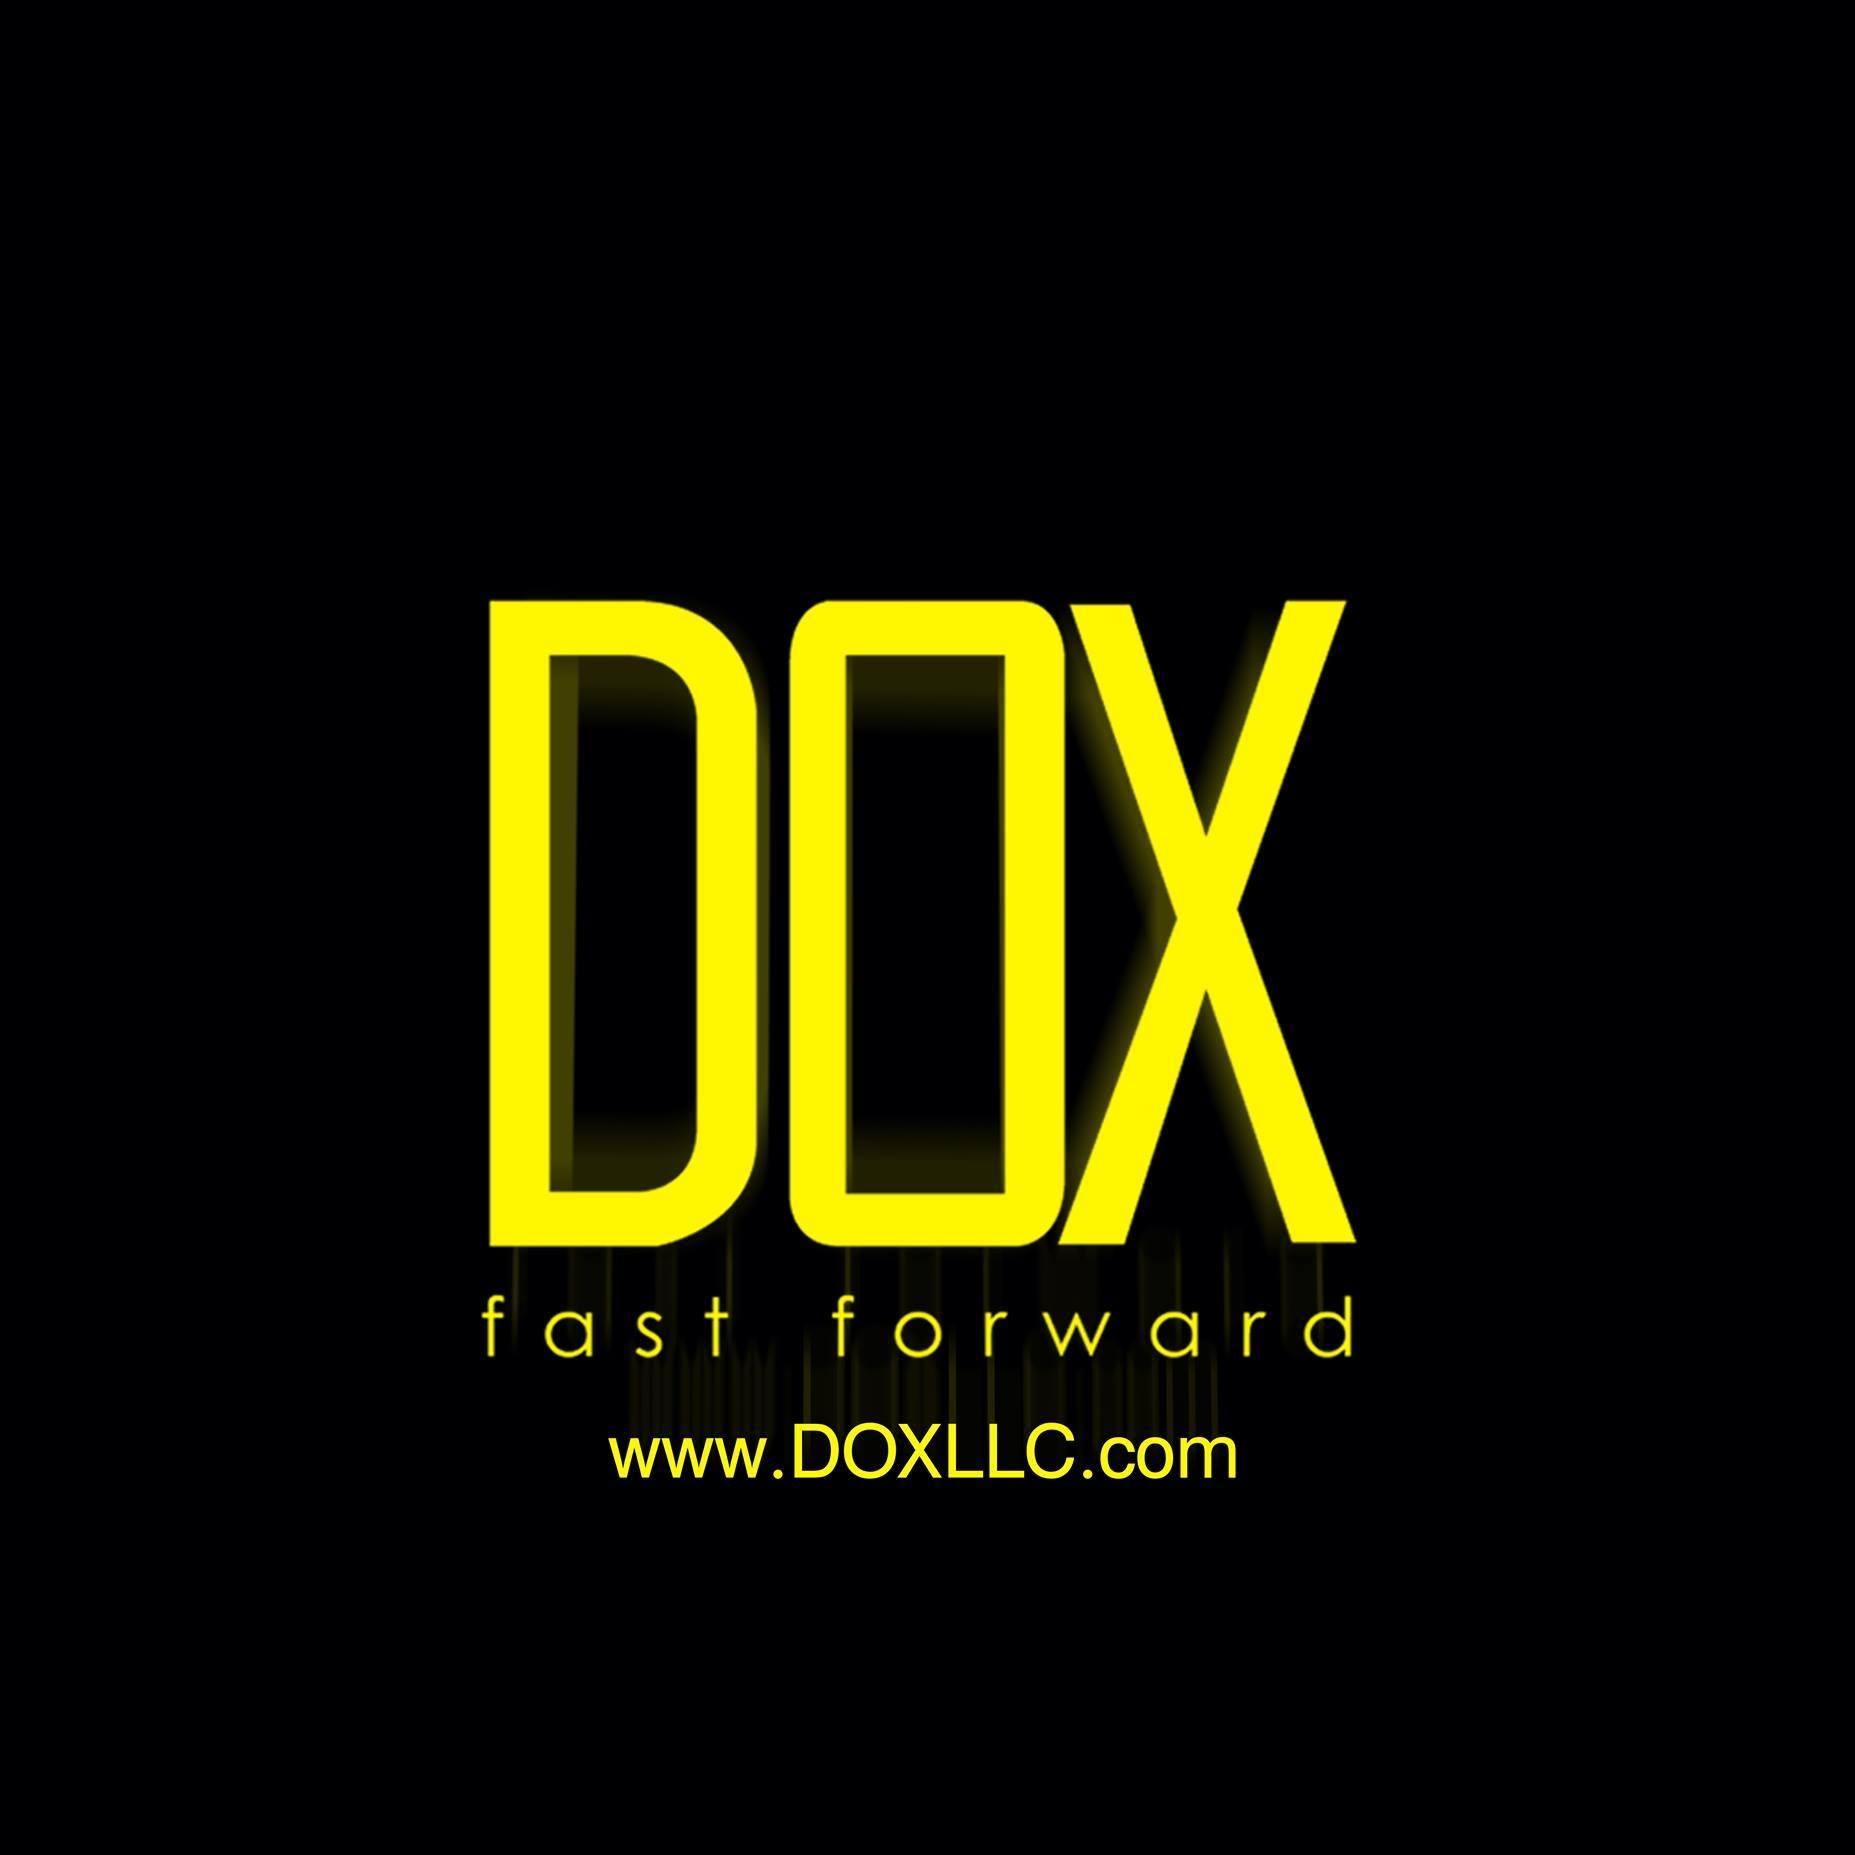 دوكس Dox